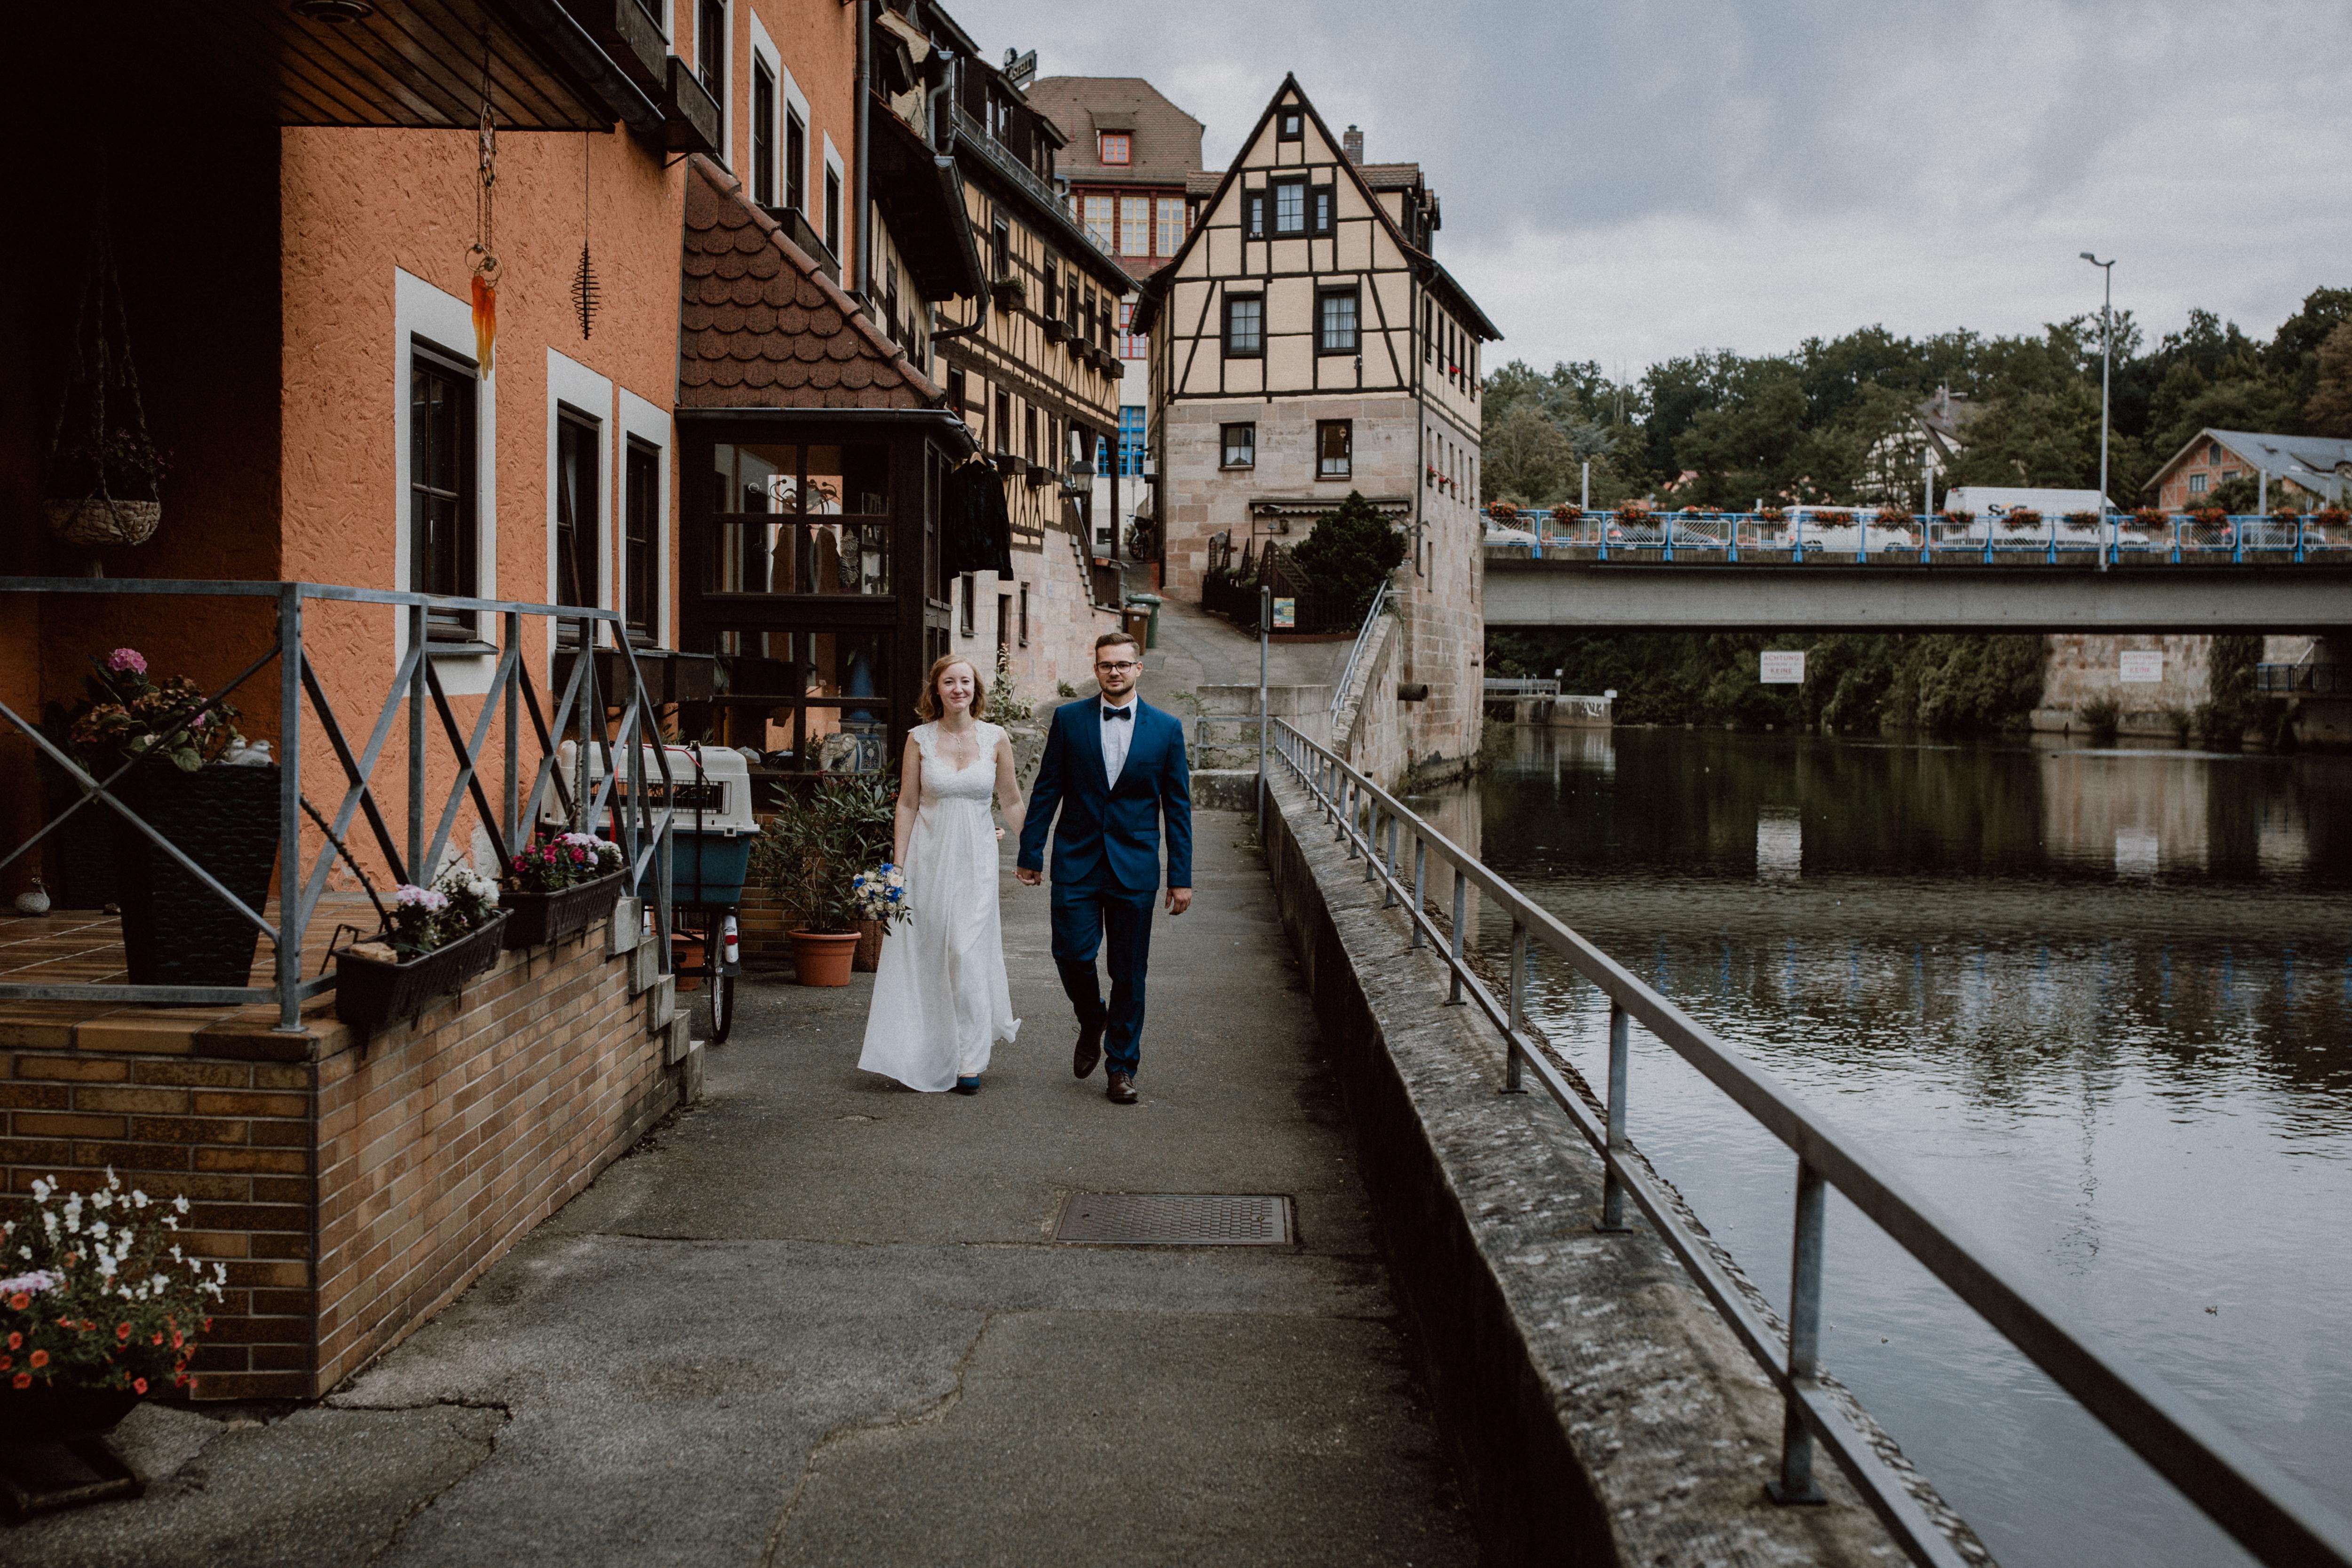 URBANERIE_Daniela_Goth_Hochzeitsfotografin_Nürnberg_Fürth_Erlangen_Schwabach_17907_0404